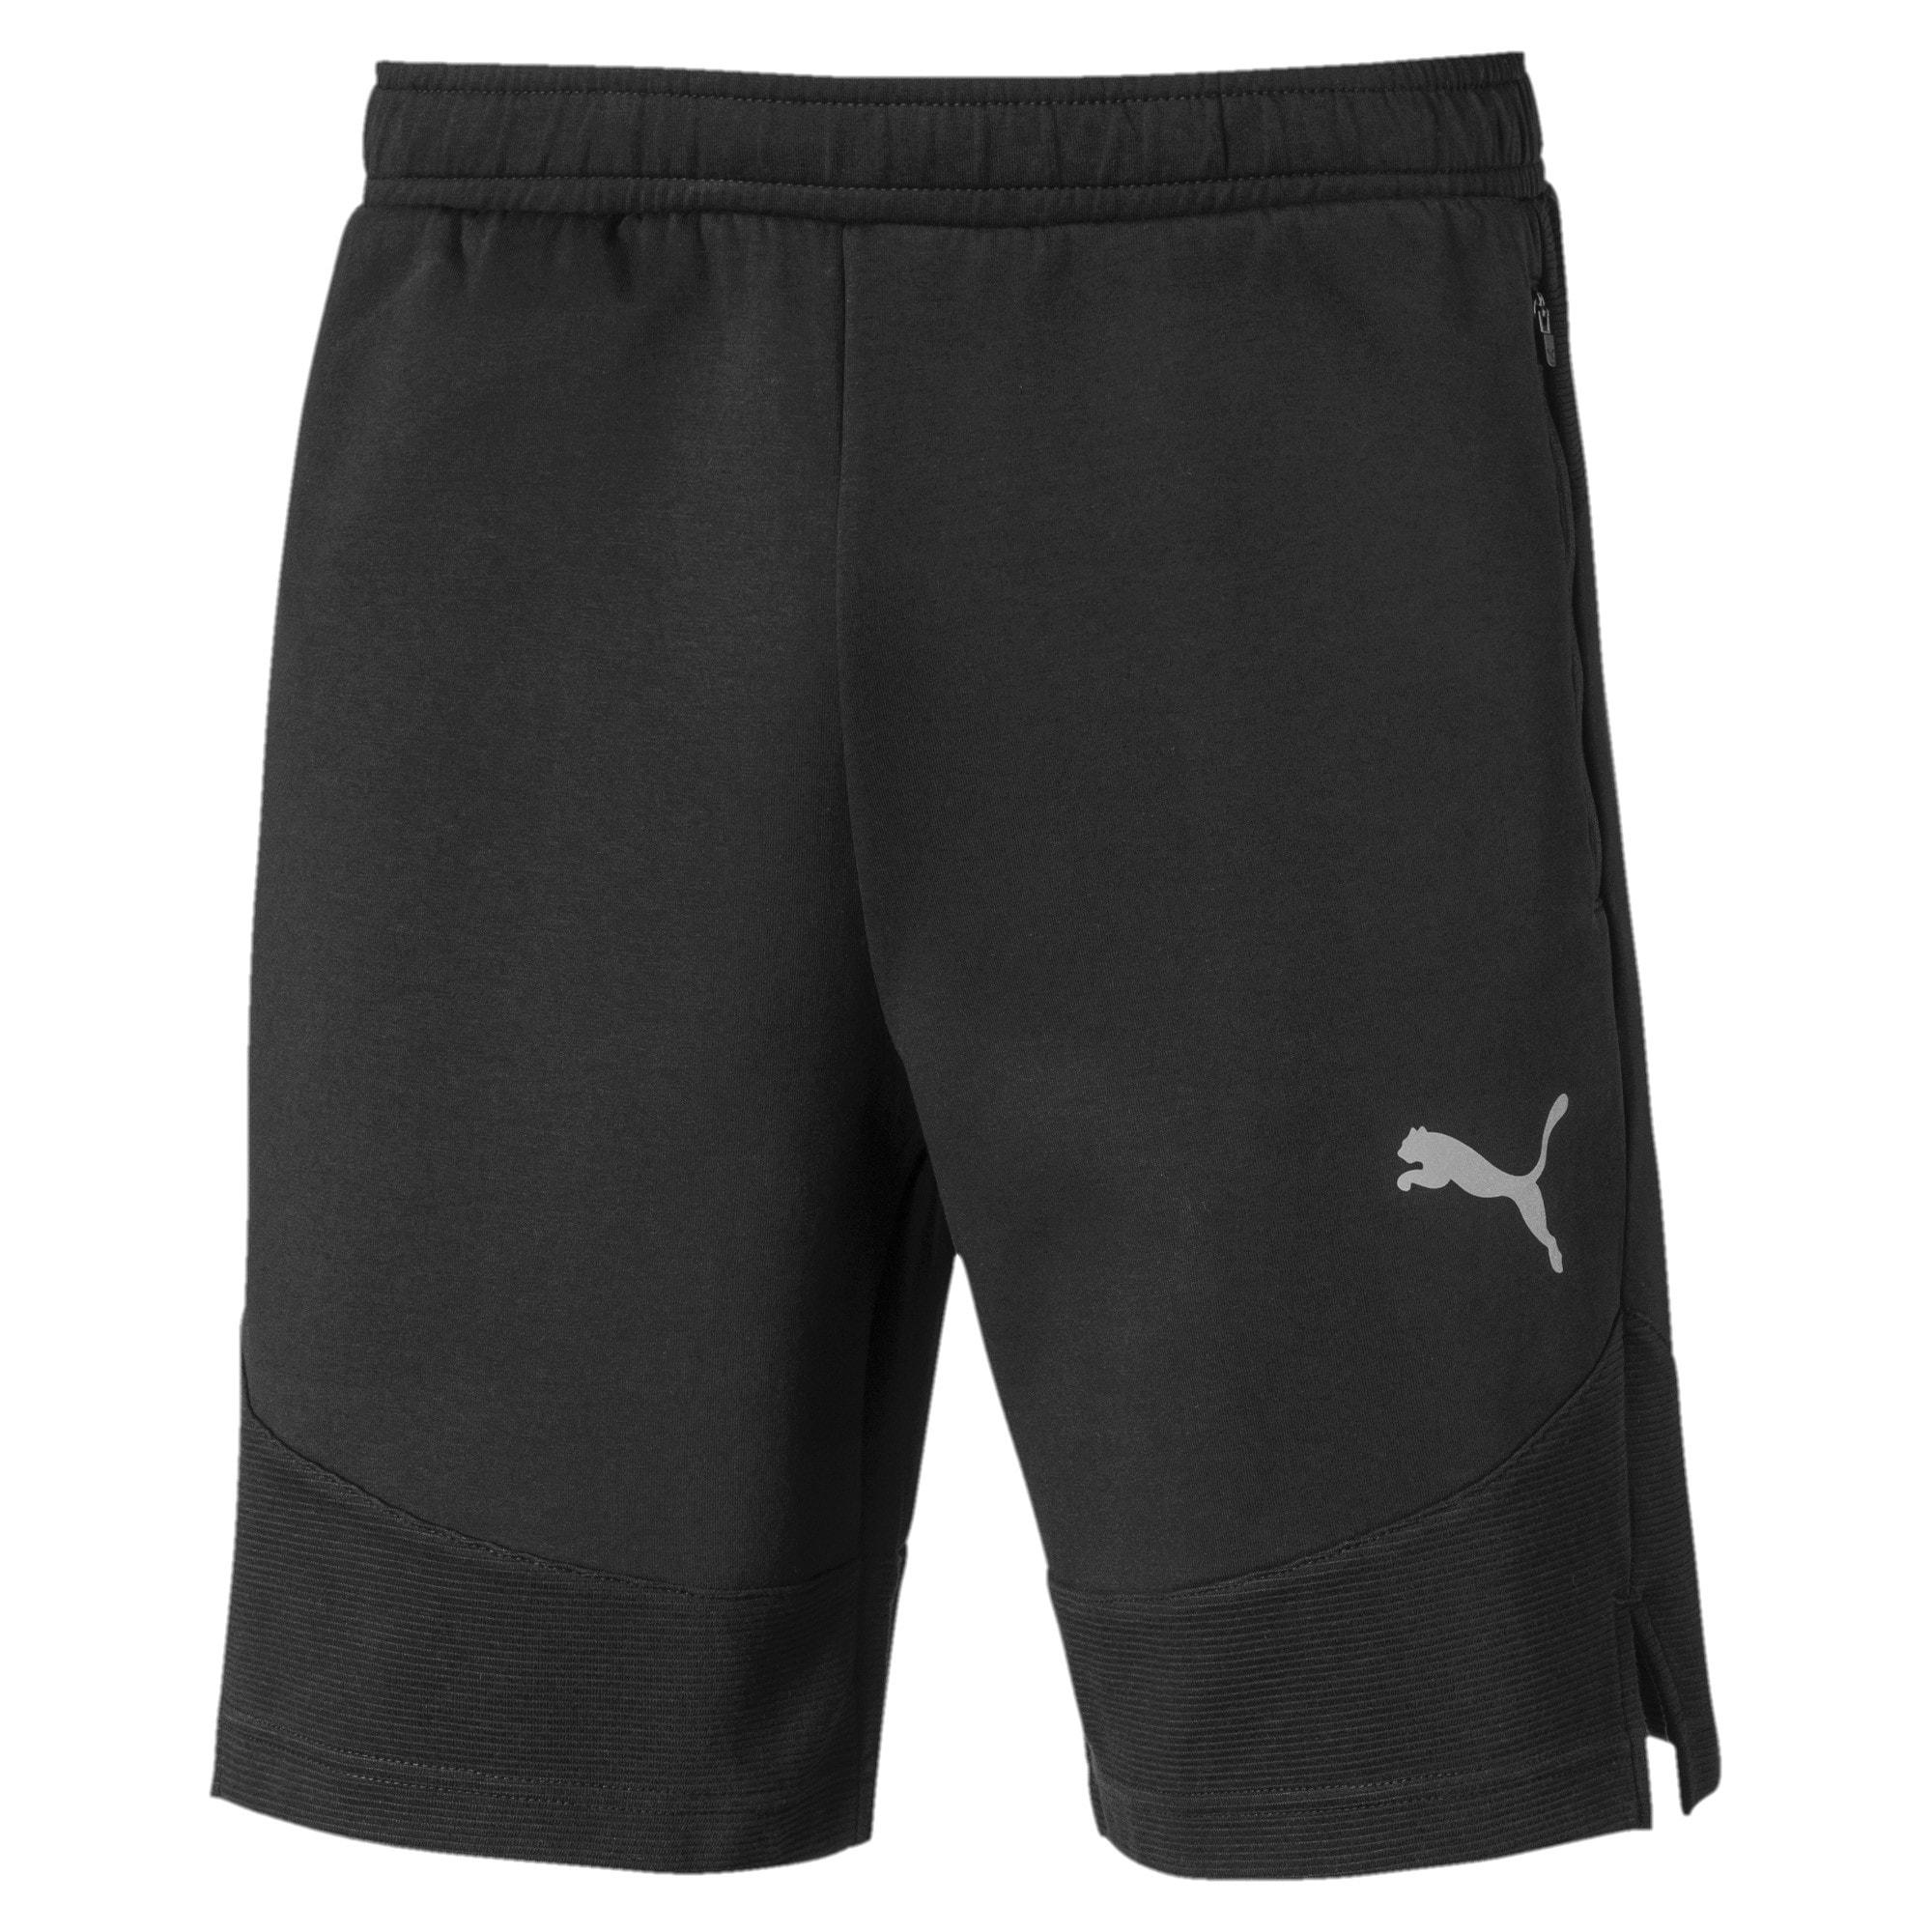 Thumbnail 4 of Evostripe Men's Shorts, Puma Black, medium